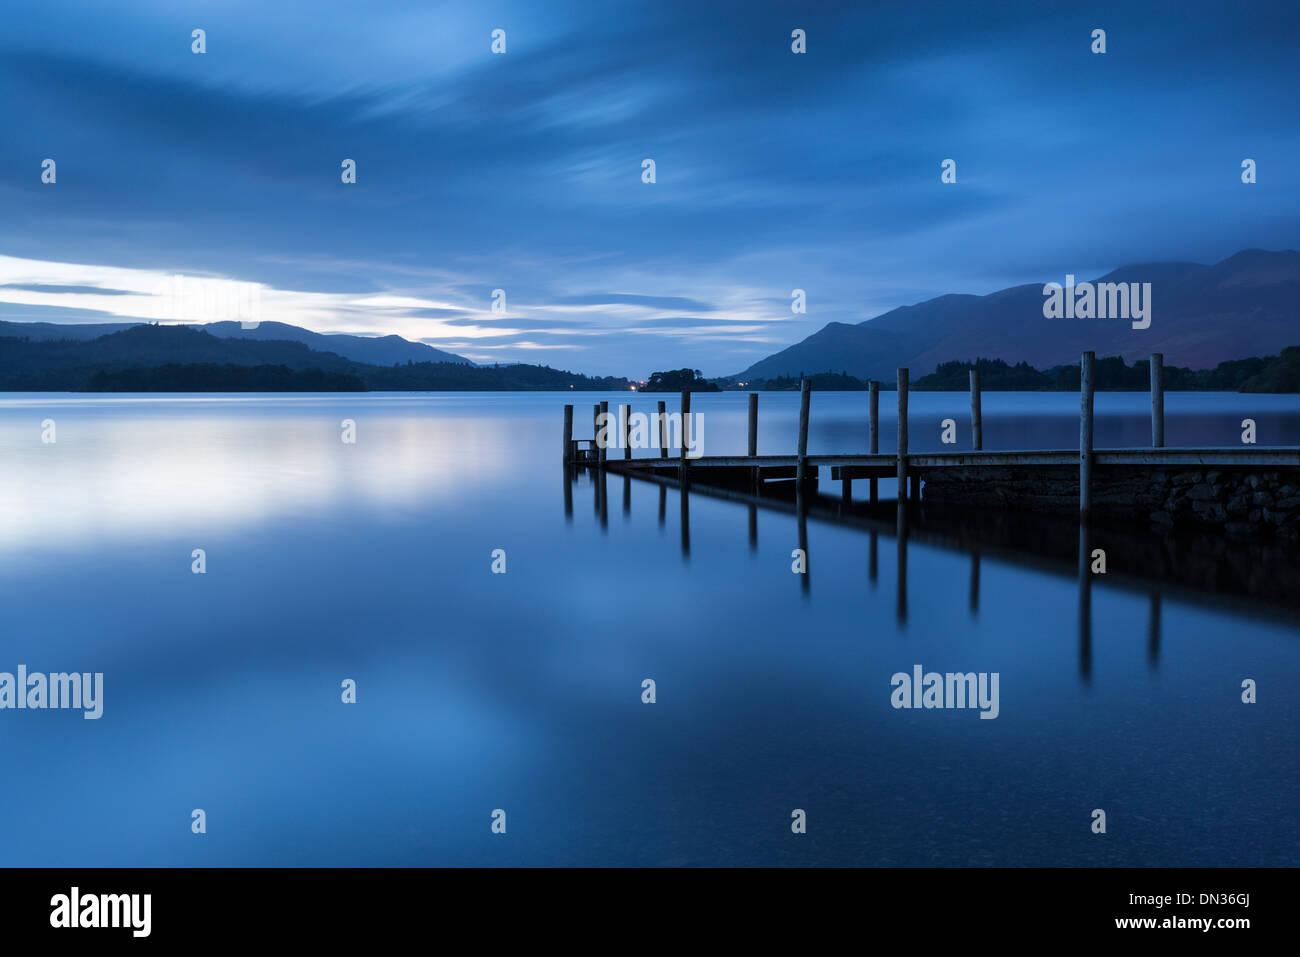 L'obscurité descend plus Ashness Jetty, Derwent Water, Lake District, Cumbria, Angleterre. L'automne (septembre) 2012. Photo Stock